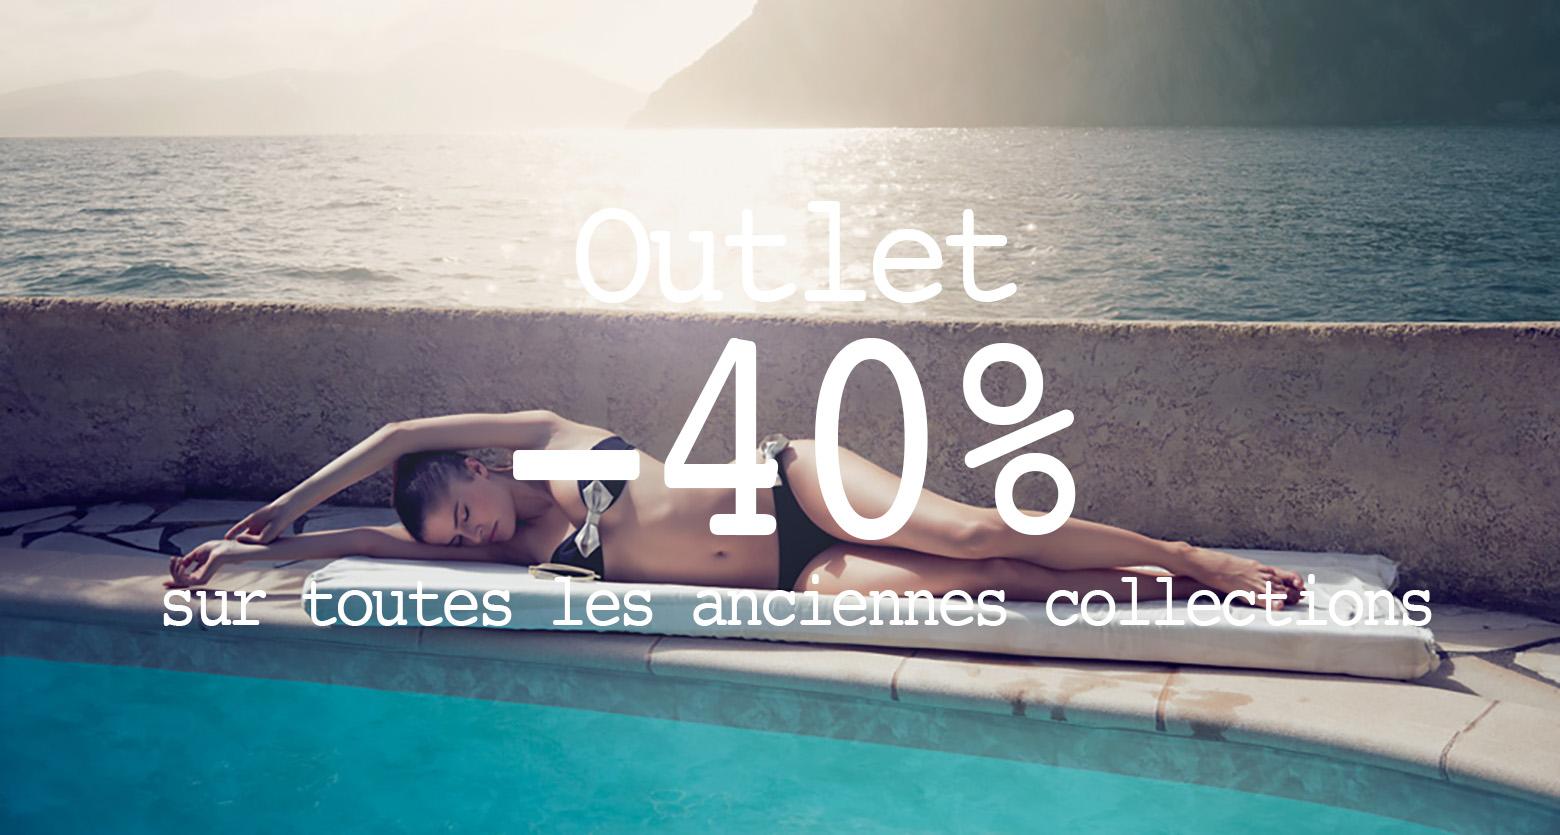 ab50c1d1a84 Toutes les tailles des maillots de bain sur le site sont converties en  tailles françaises